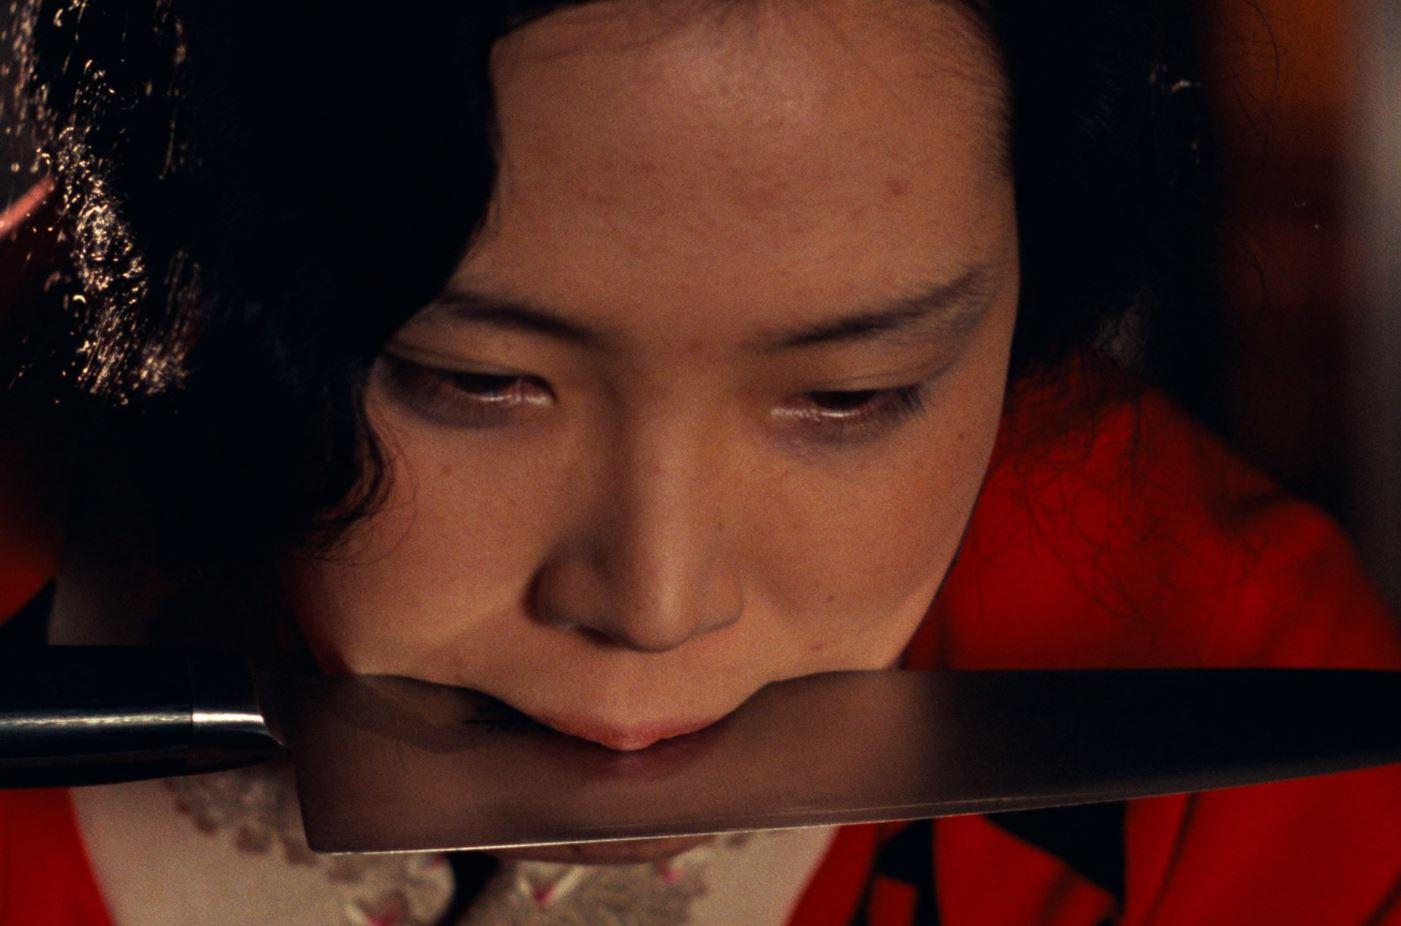 El imperio de los sentidos: llega finalmente a los cines porteños la película más censurada de la historia